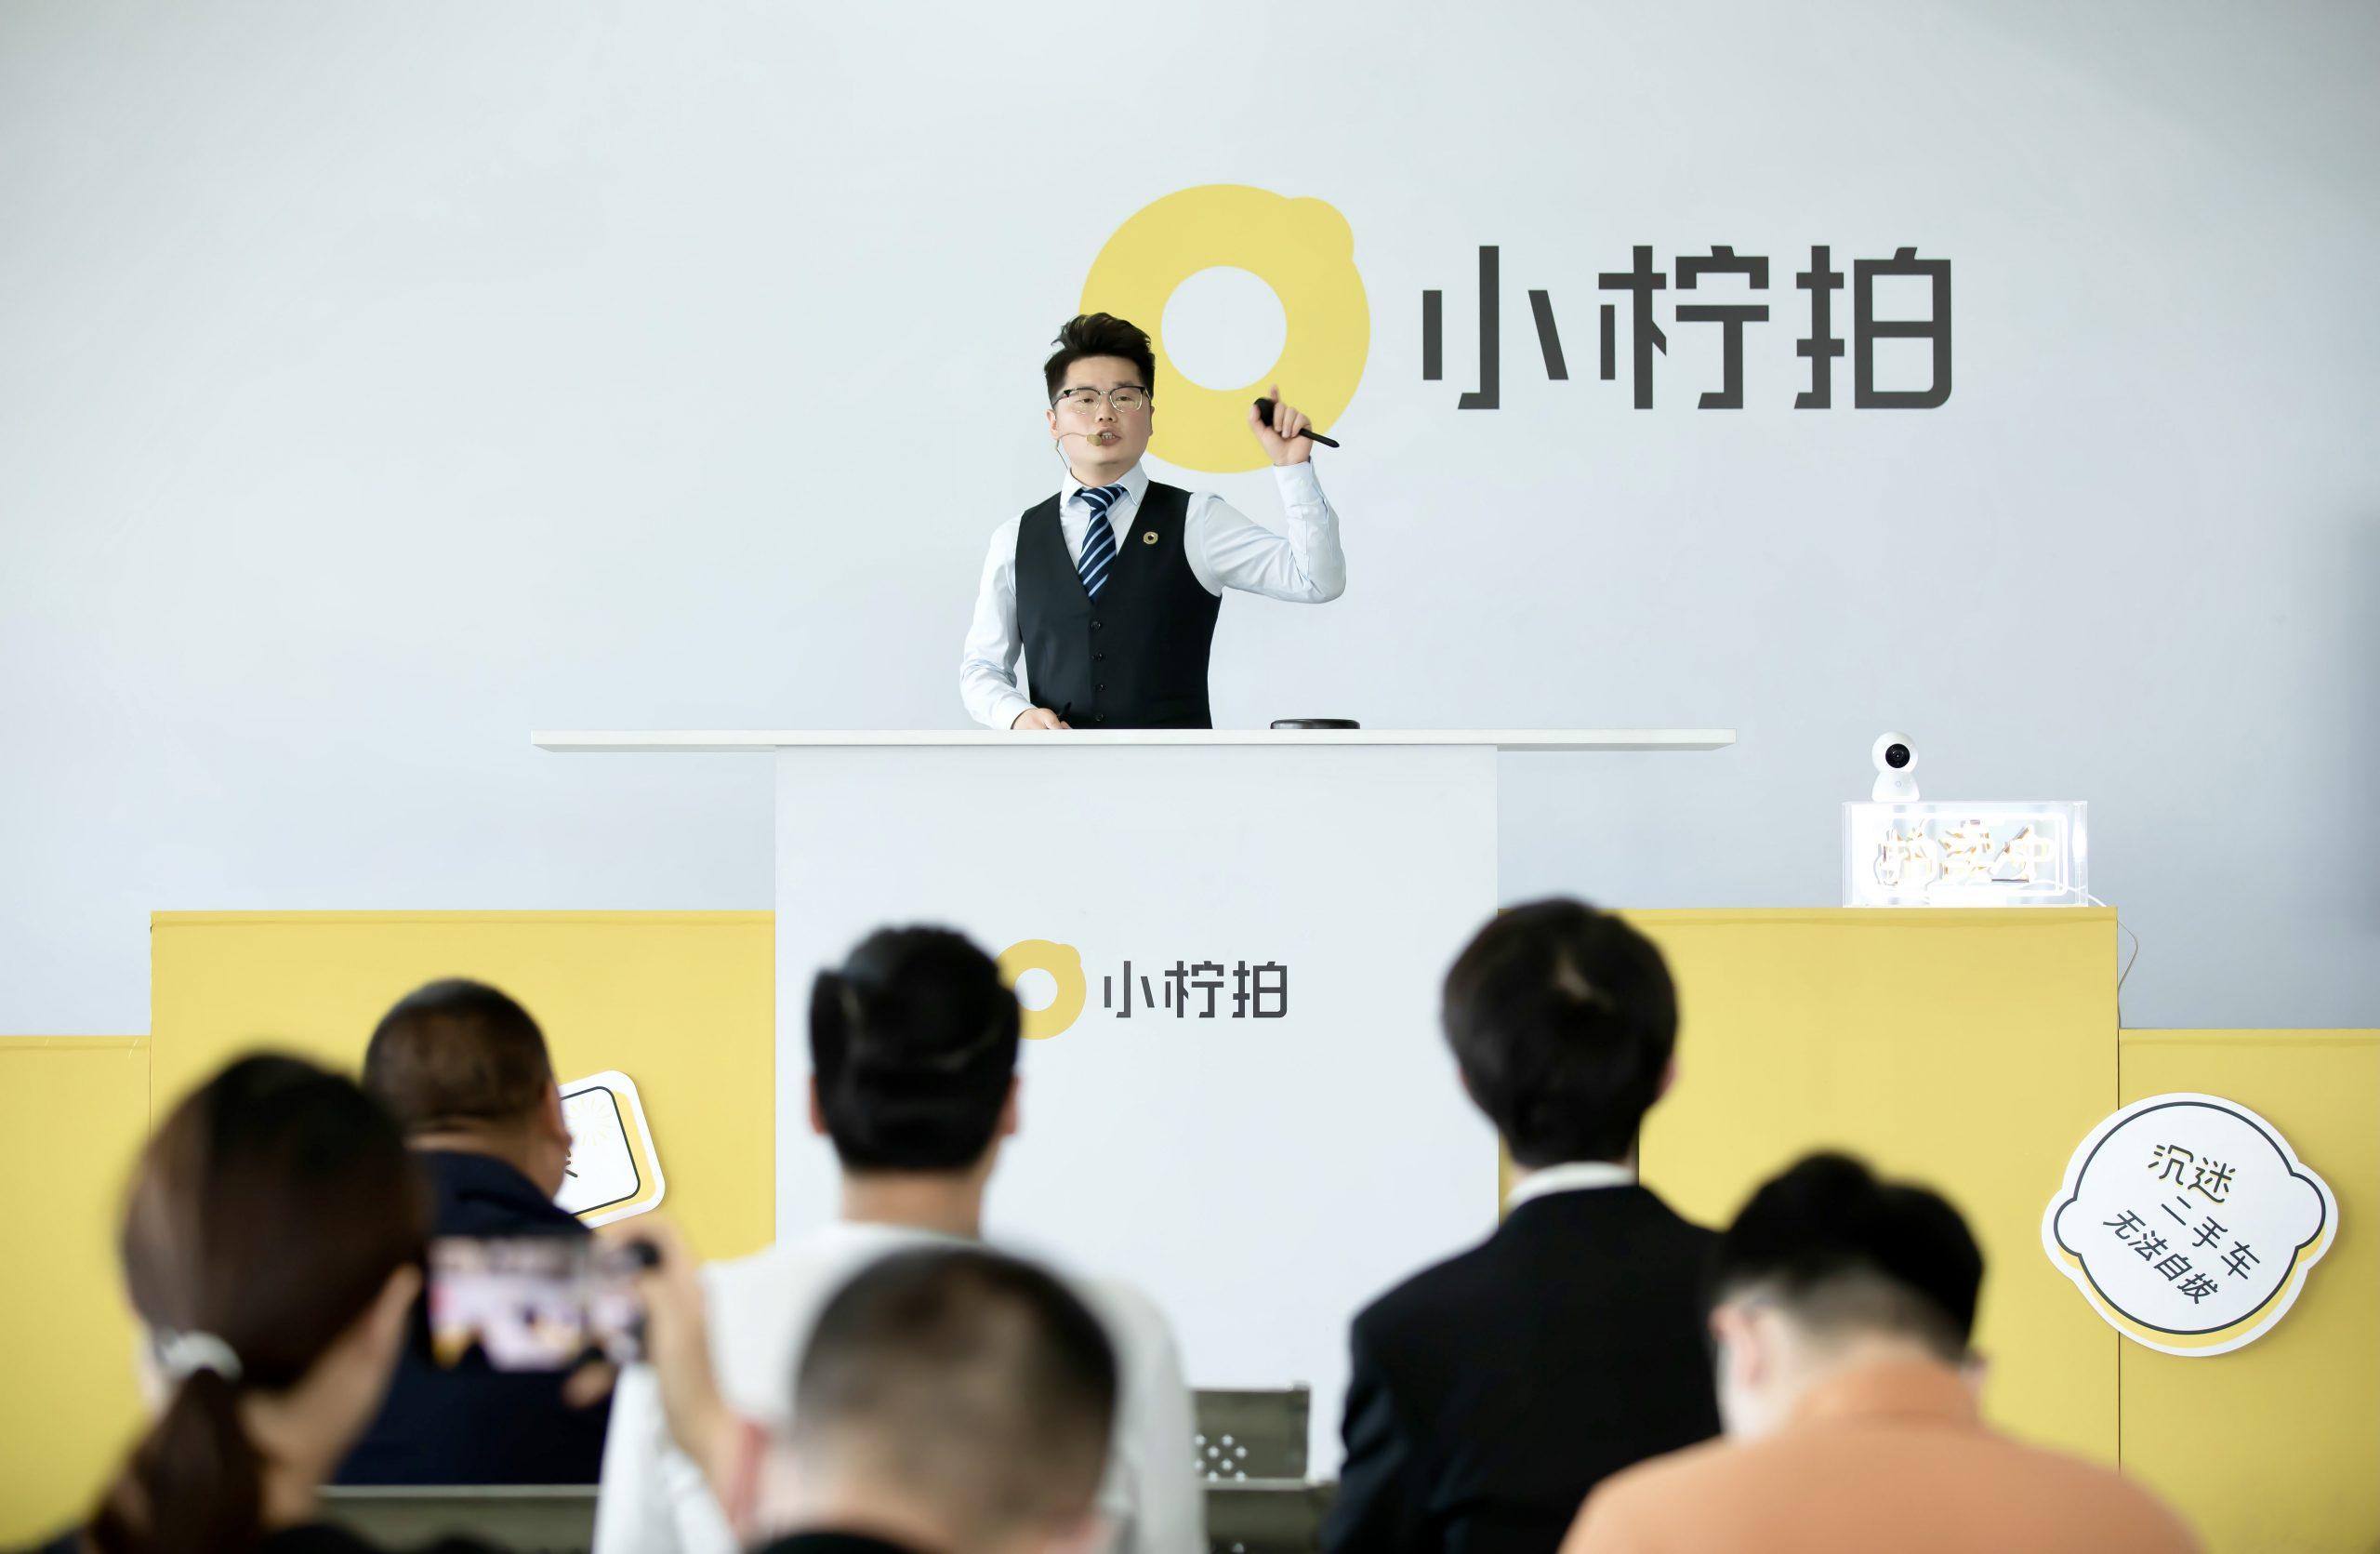 北京京南拍卖会现场气氛热烈